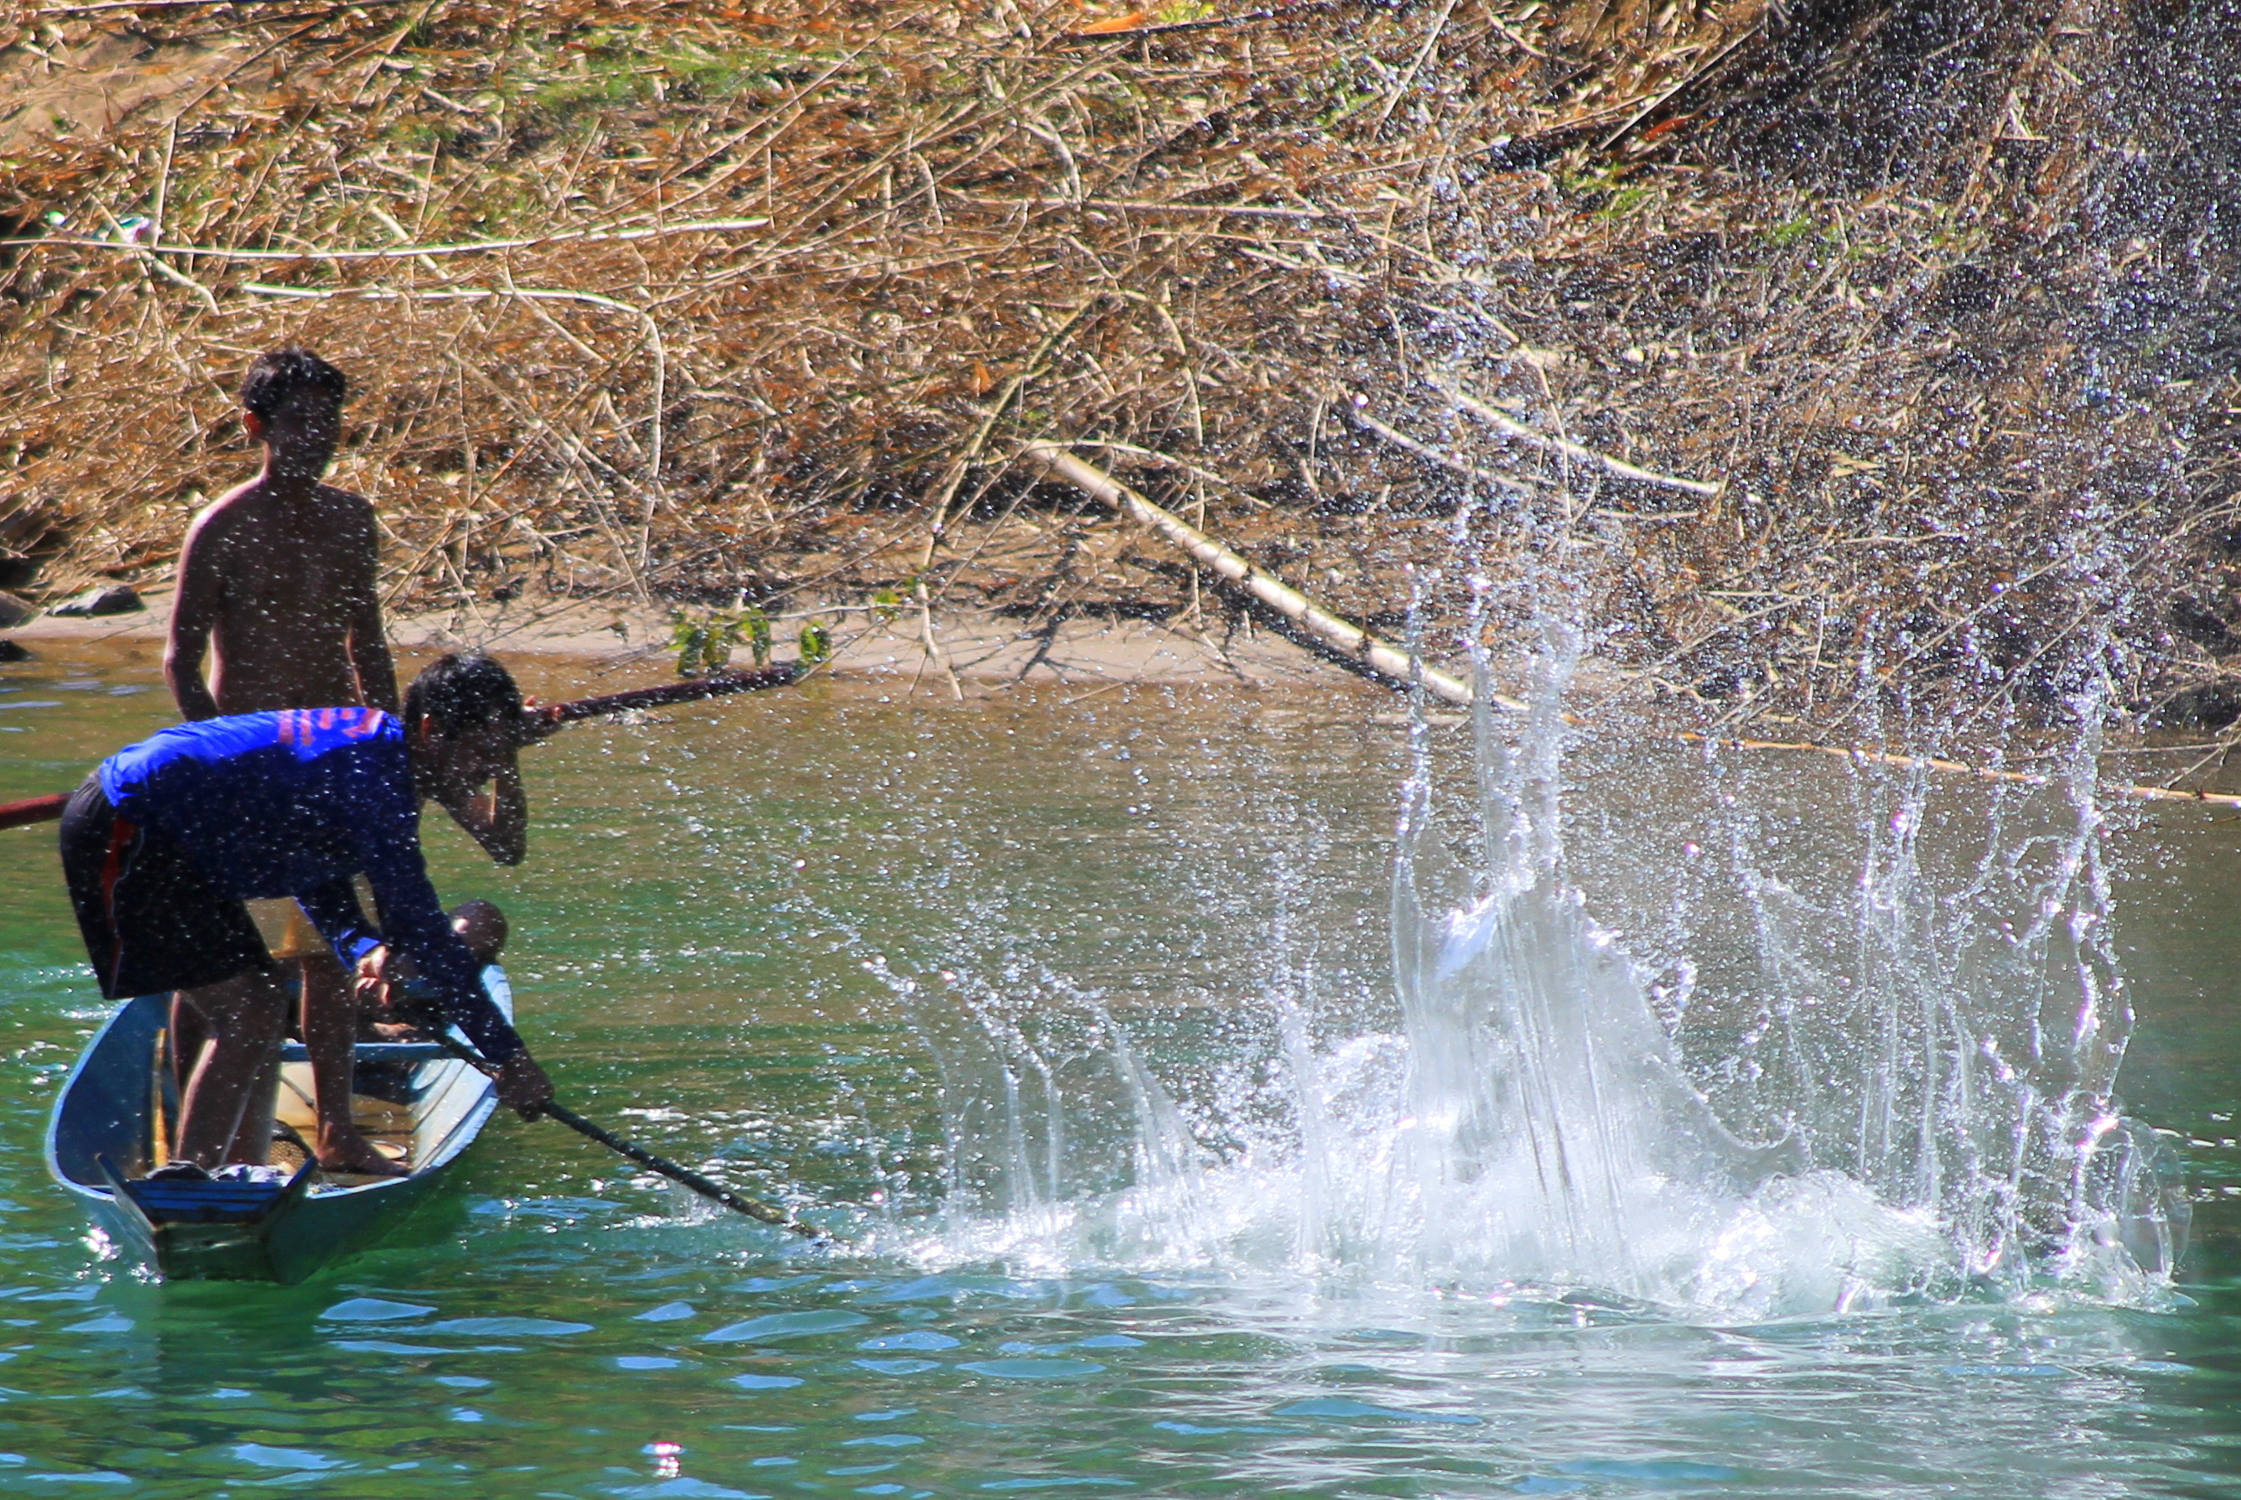 Pêcheurs frappant l'eau de la rivière Nam Xong à Vang Vieng, Laos